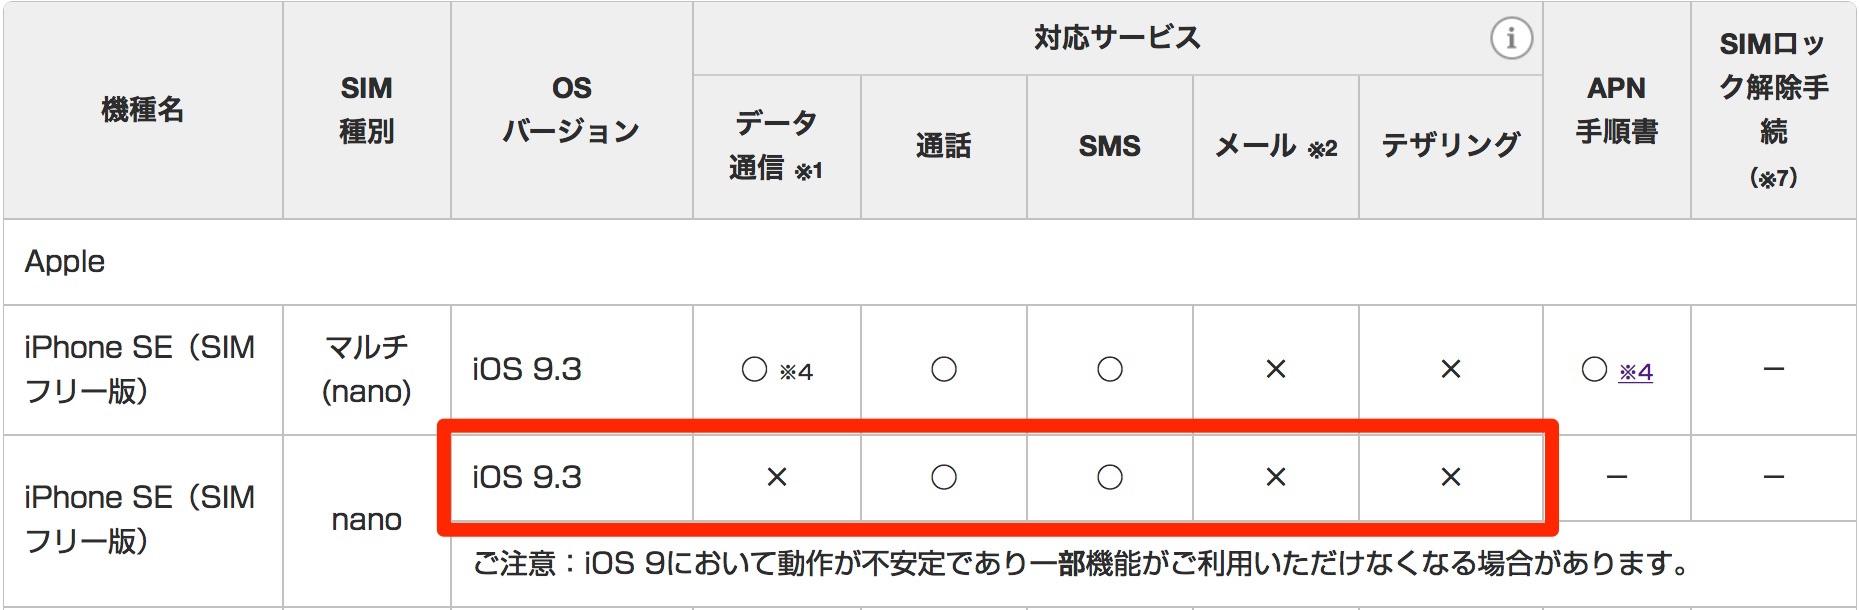 iphone_se_ios9_3_1-uqmobile1